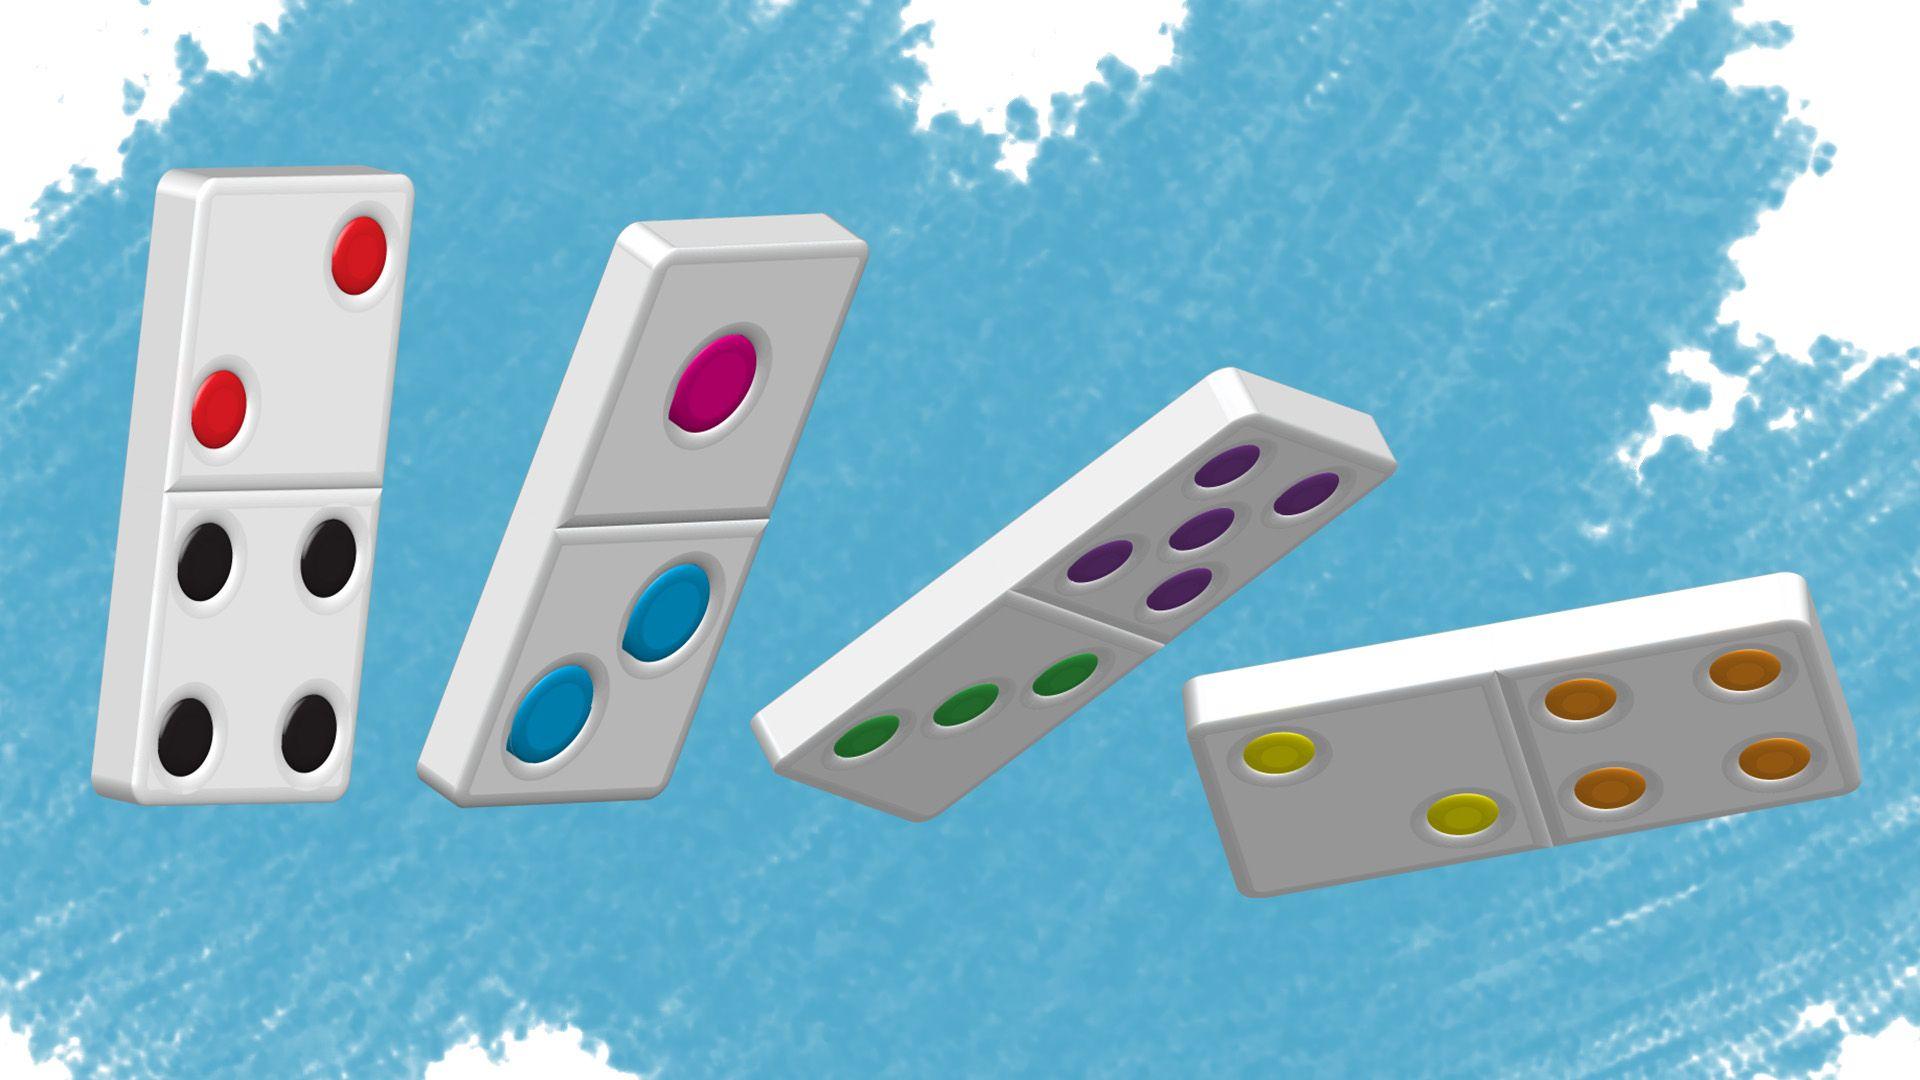 Pin on Poker Games